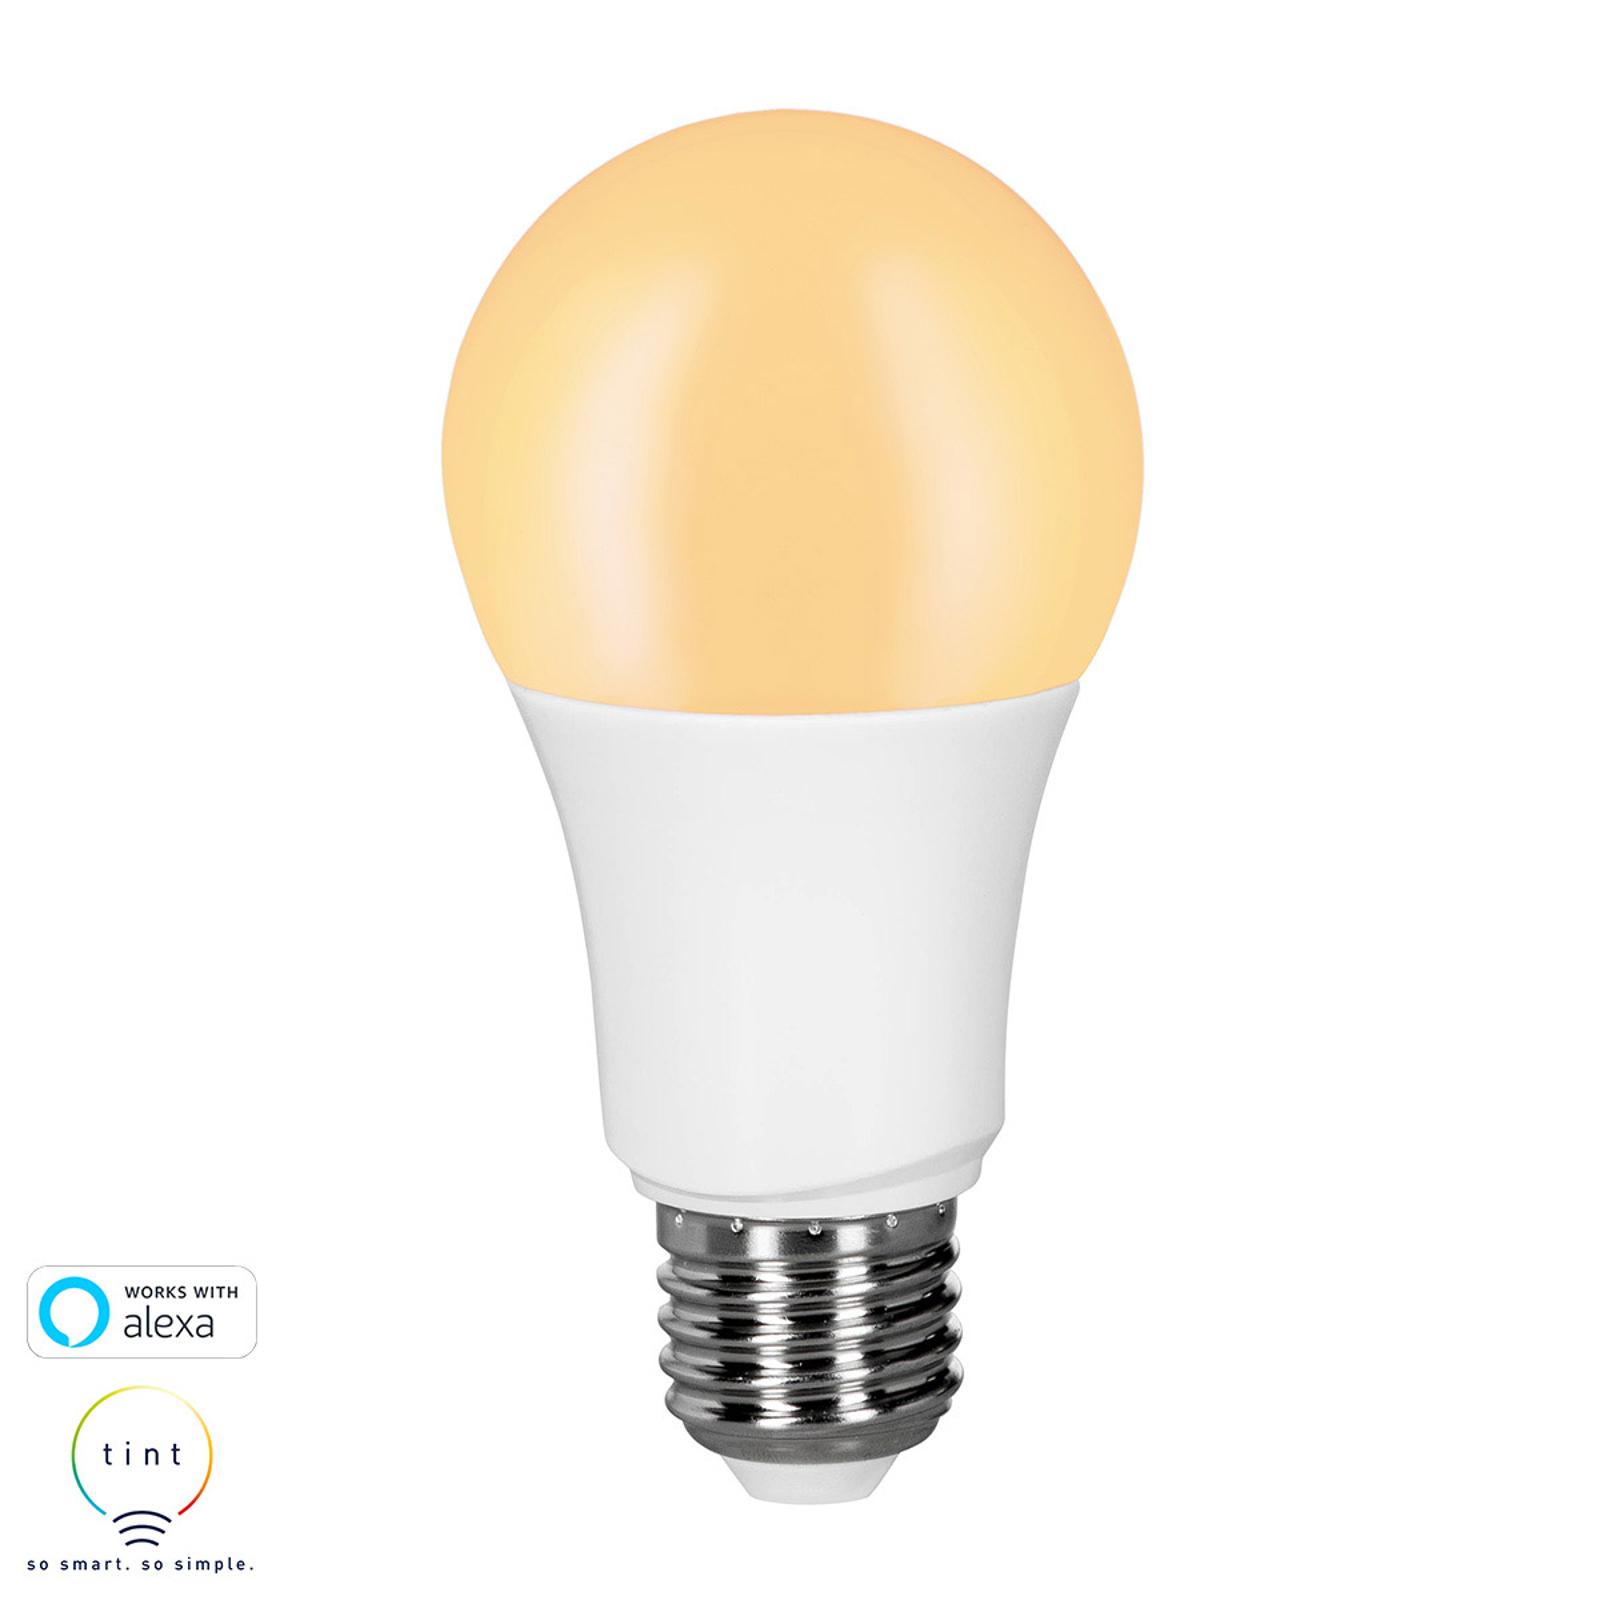 Müller Licht tint dimming LED E27, 9W 2.700K